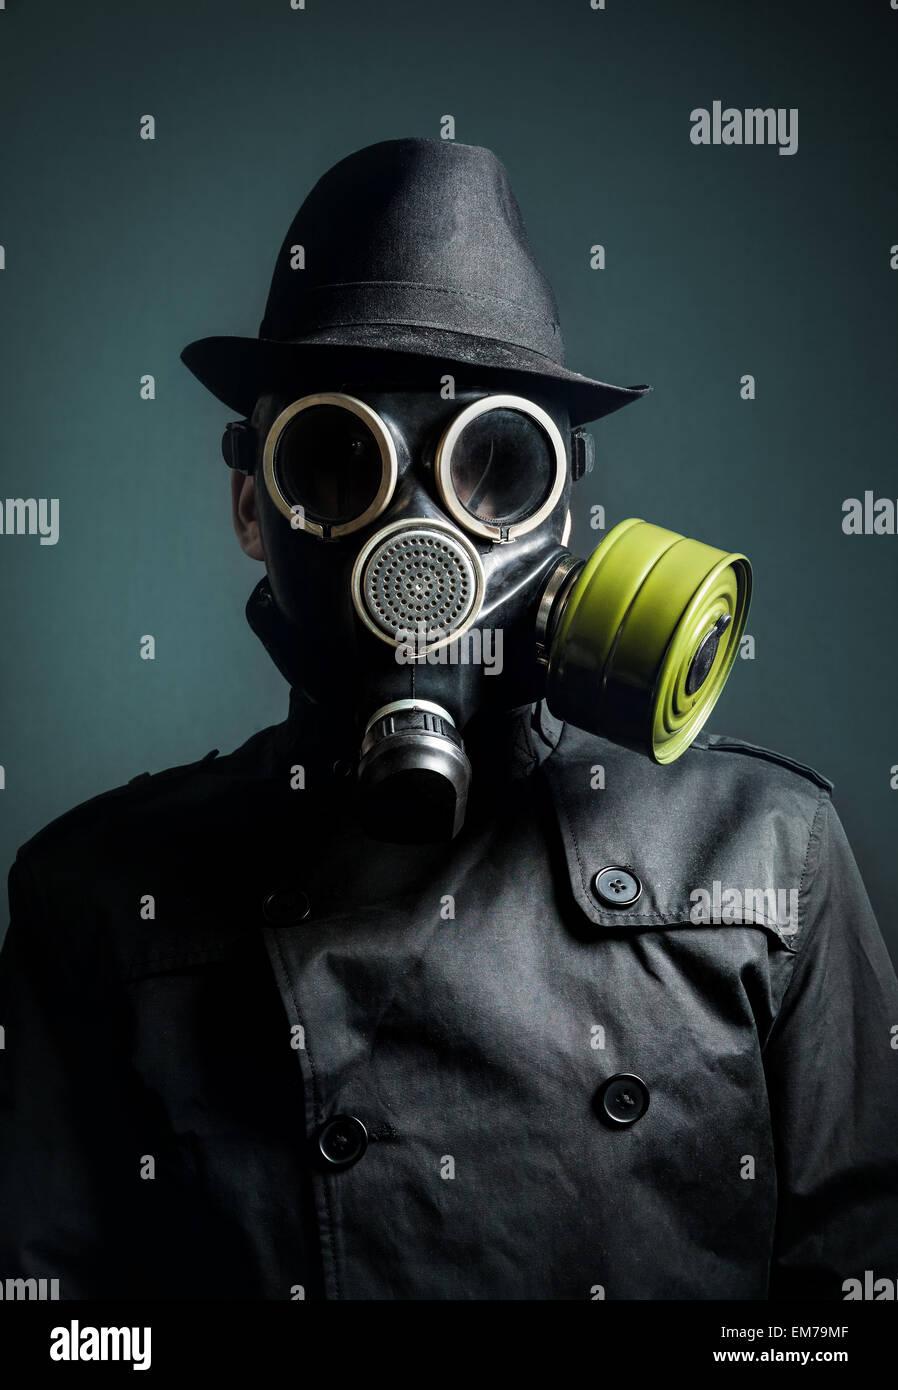 Uomo in maschera a gas, impermeabile e cappello nero a sfondo scuro Immagini Stock